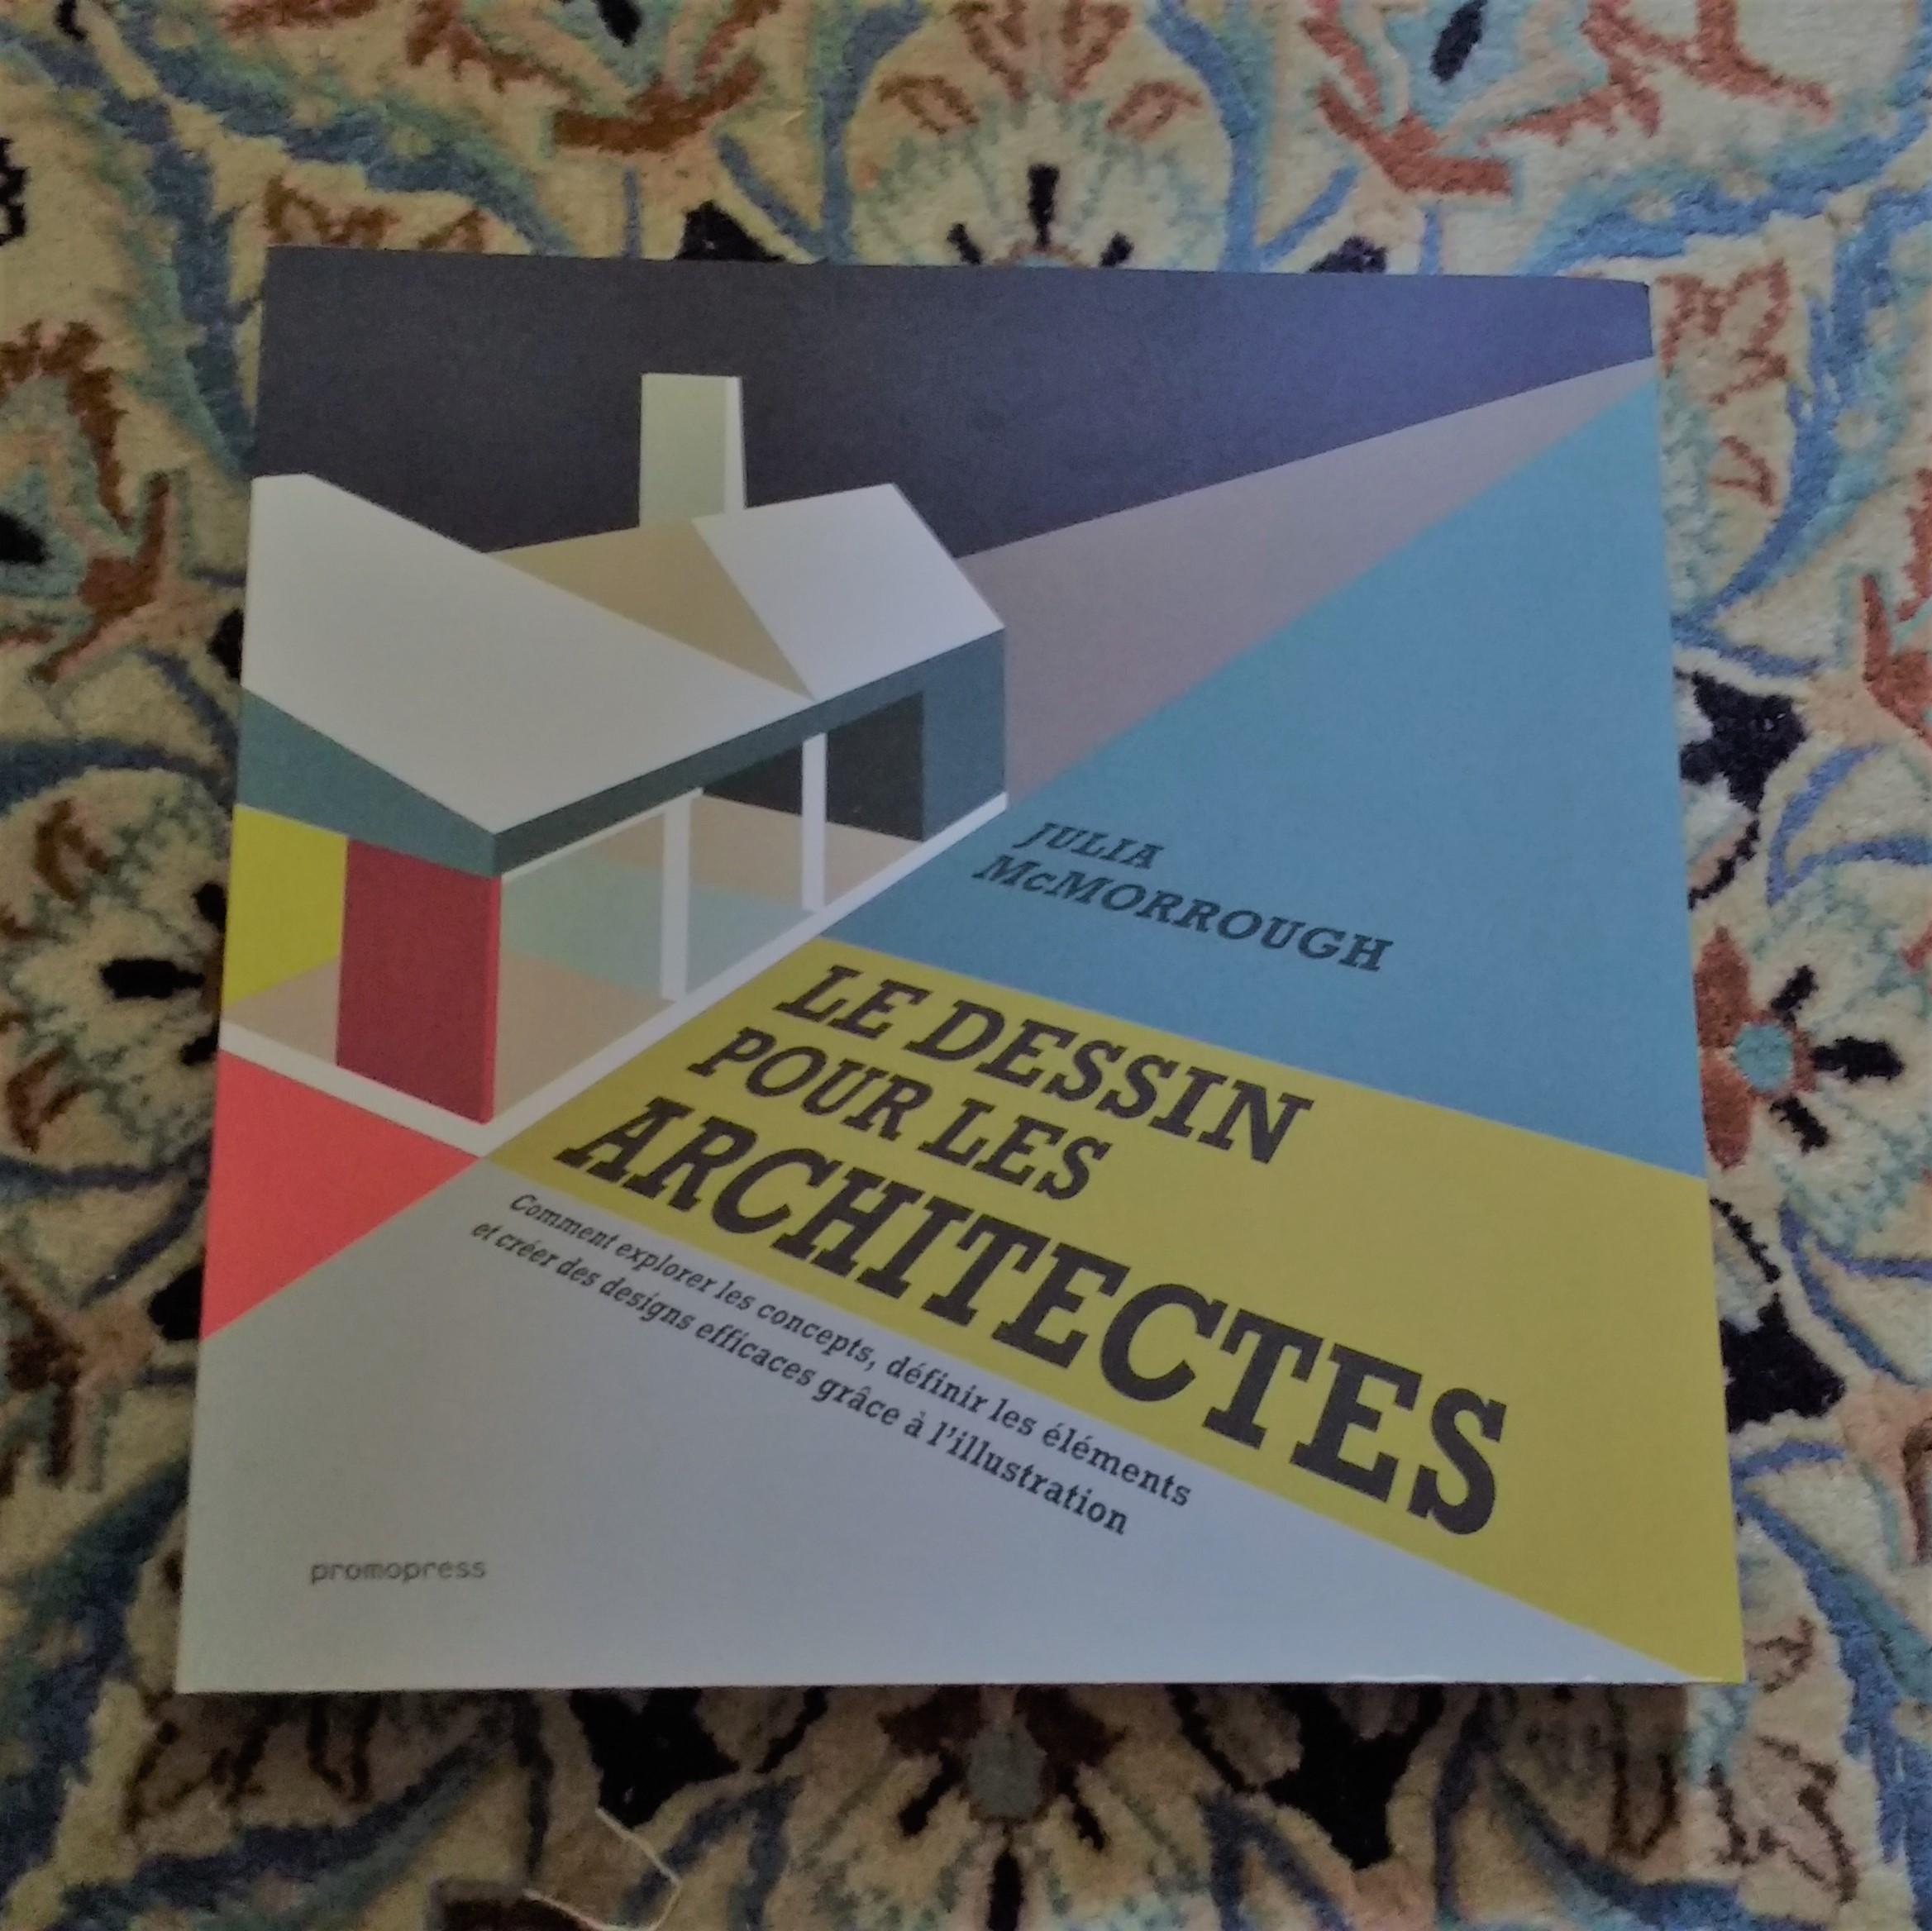 Le dessin pour les architectes de Julia Mc Morrough